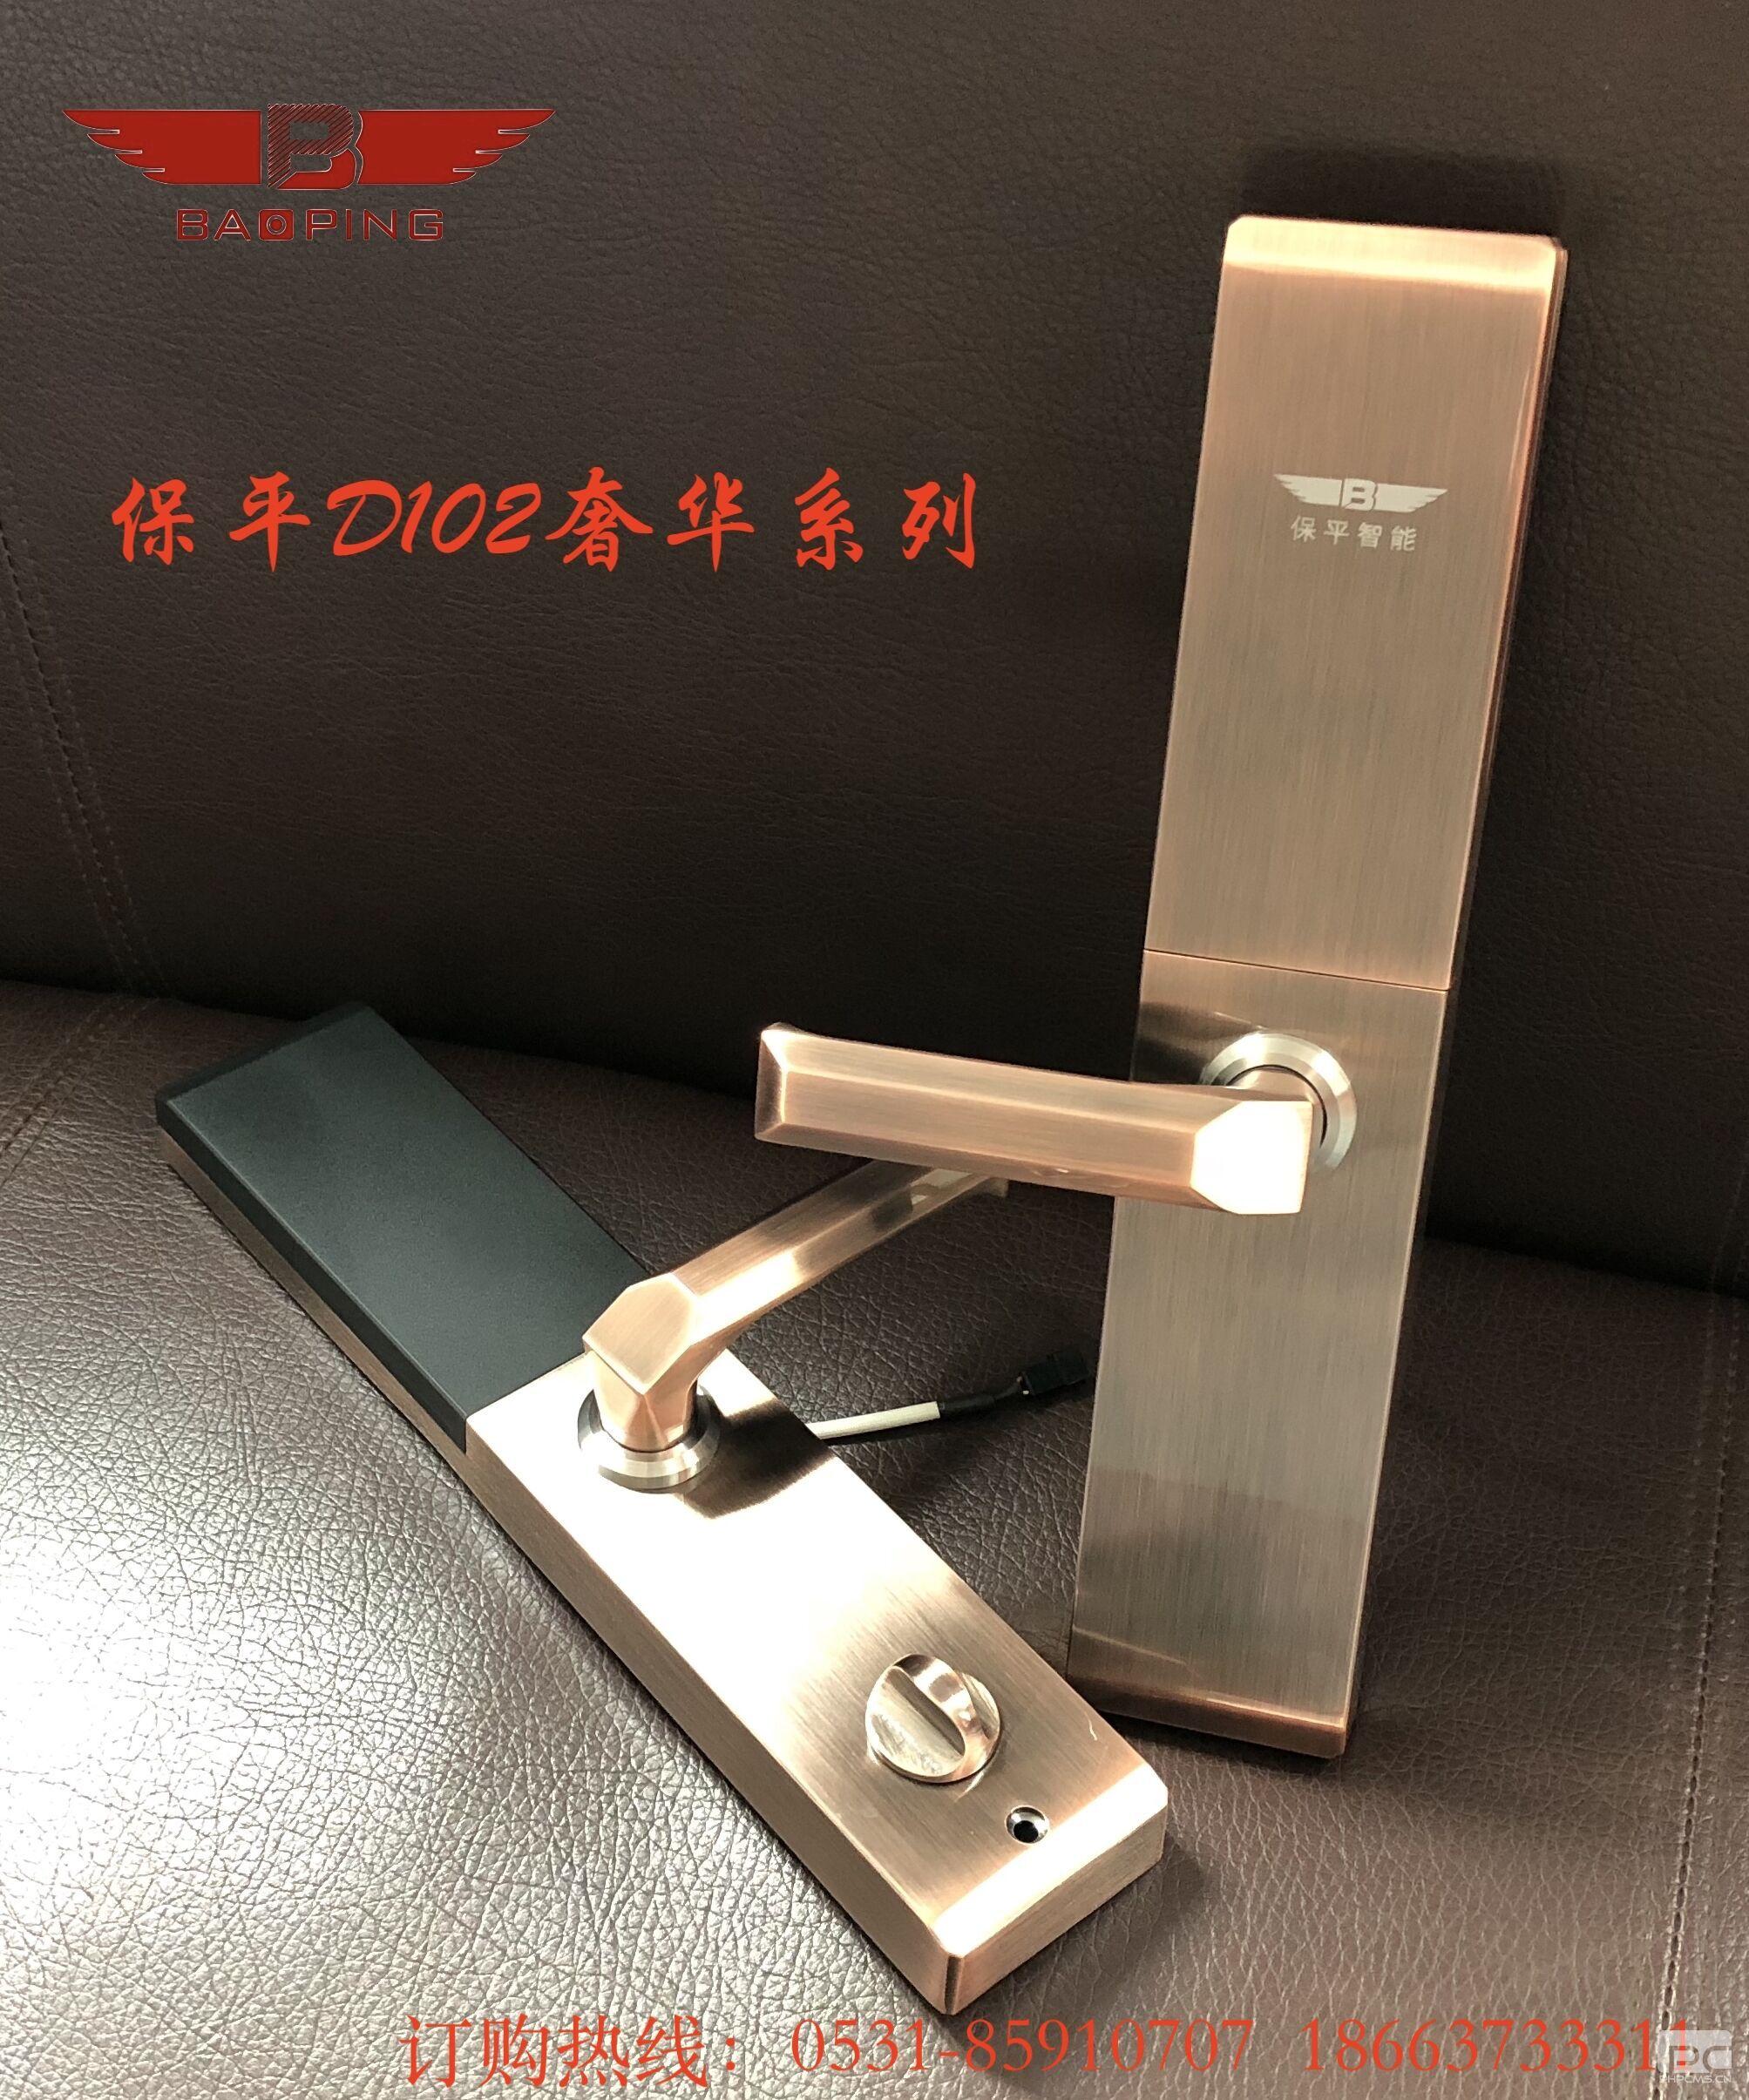 保平D102奢华系列指纹锁